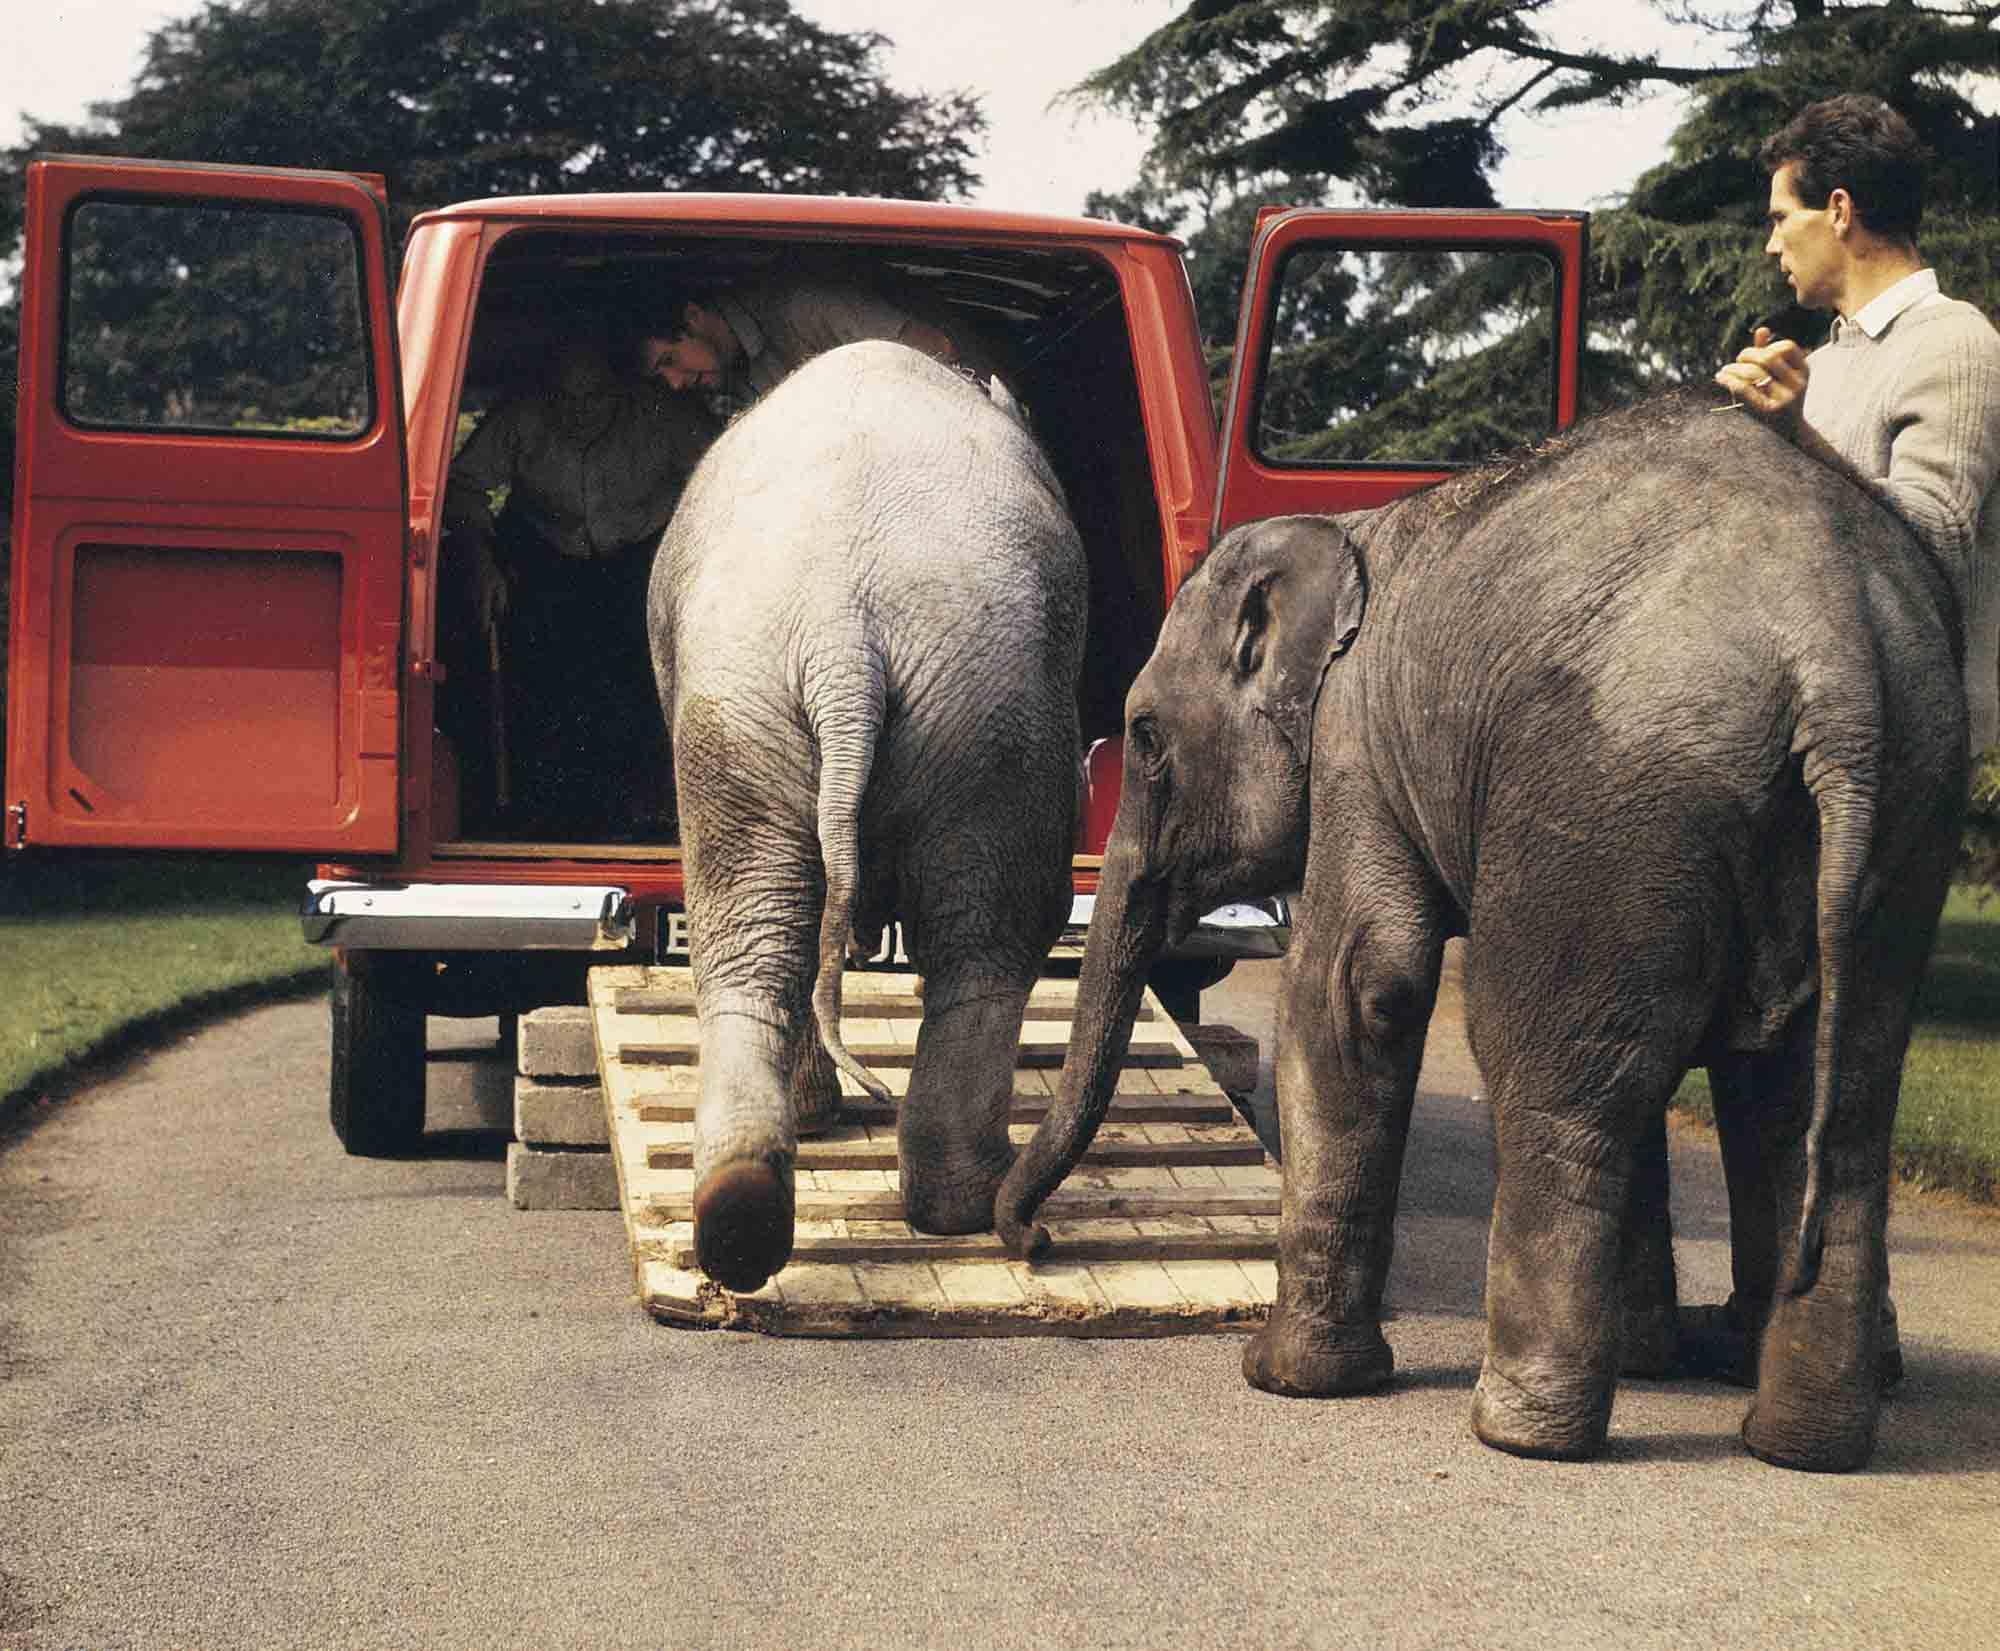 Wie bekommt man einen Elefanten in einen Ford Transit?